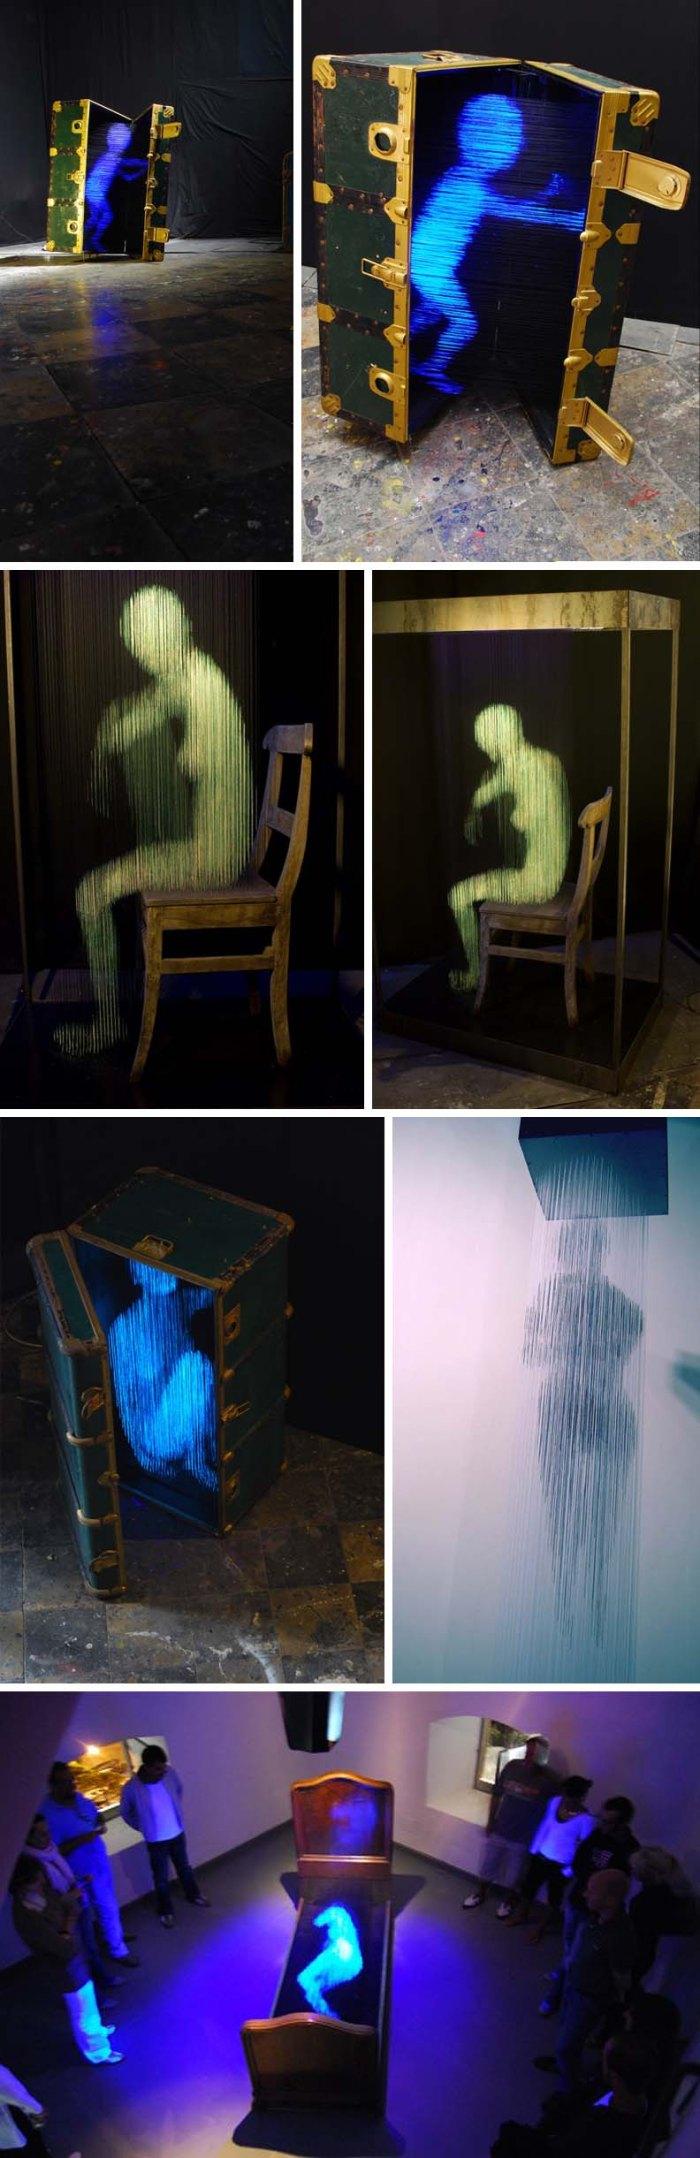 Alessandro Lupi, 3D Light sculptures, Fluorescent Densities, backlit threads, cool art